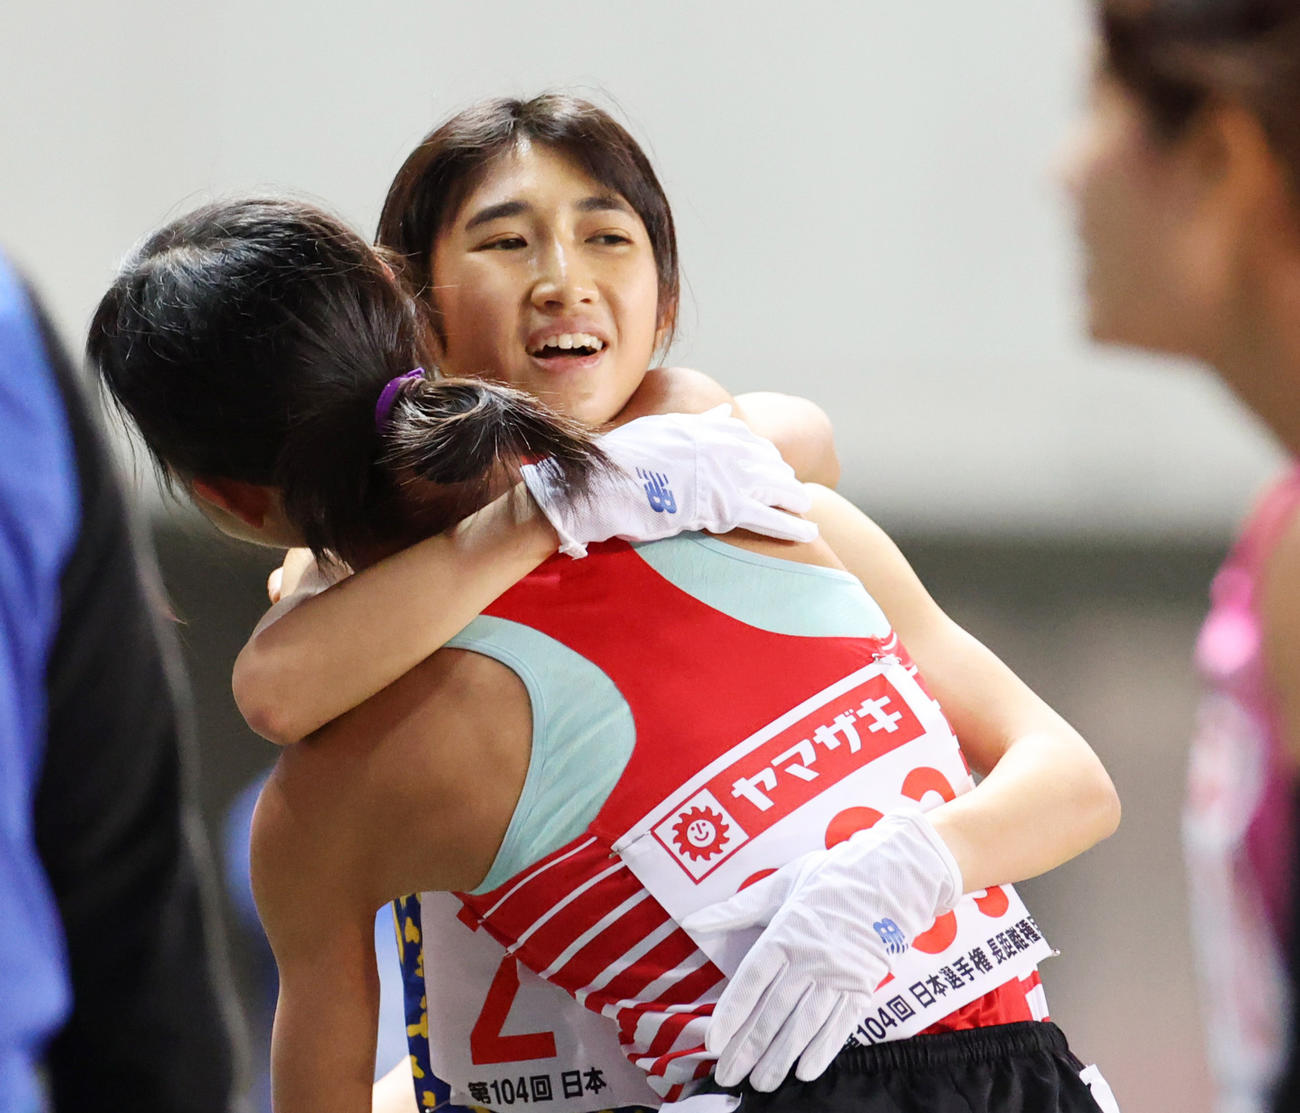 日本陸上競技選手権大会・長距離種目 女子5000メートル 15分5秒65で1位となった田中希実(奥)は2位広中璃梨佳と抱き合う(撮影・清水貴仁)